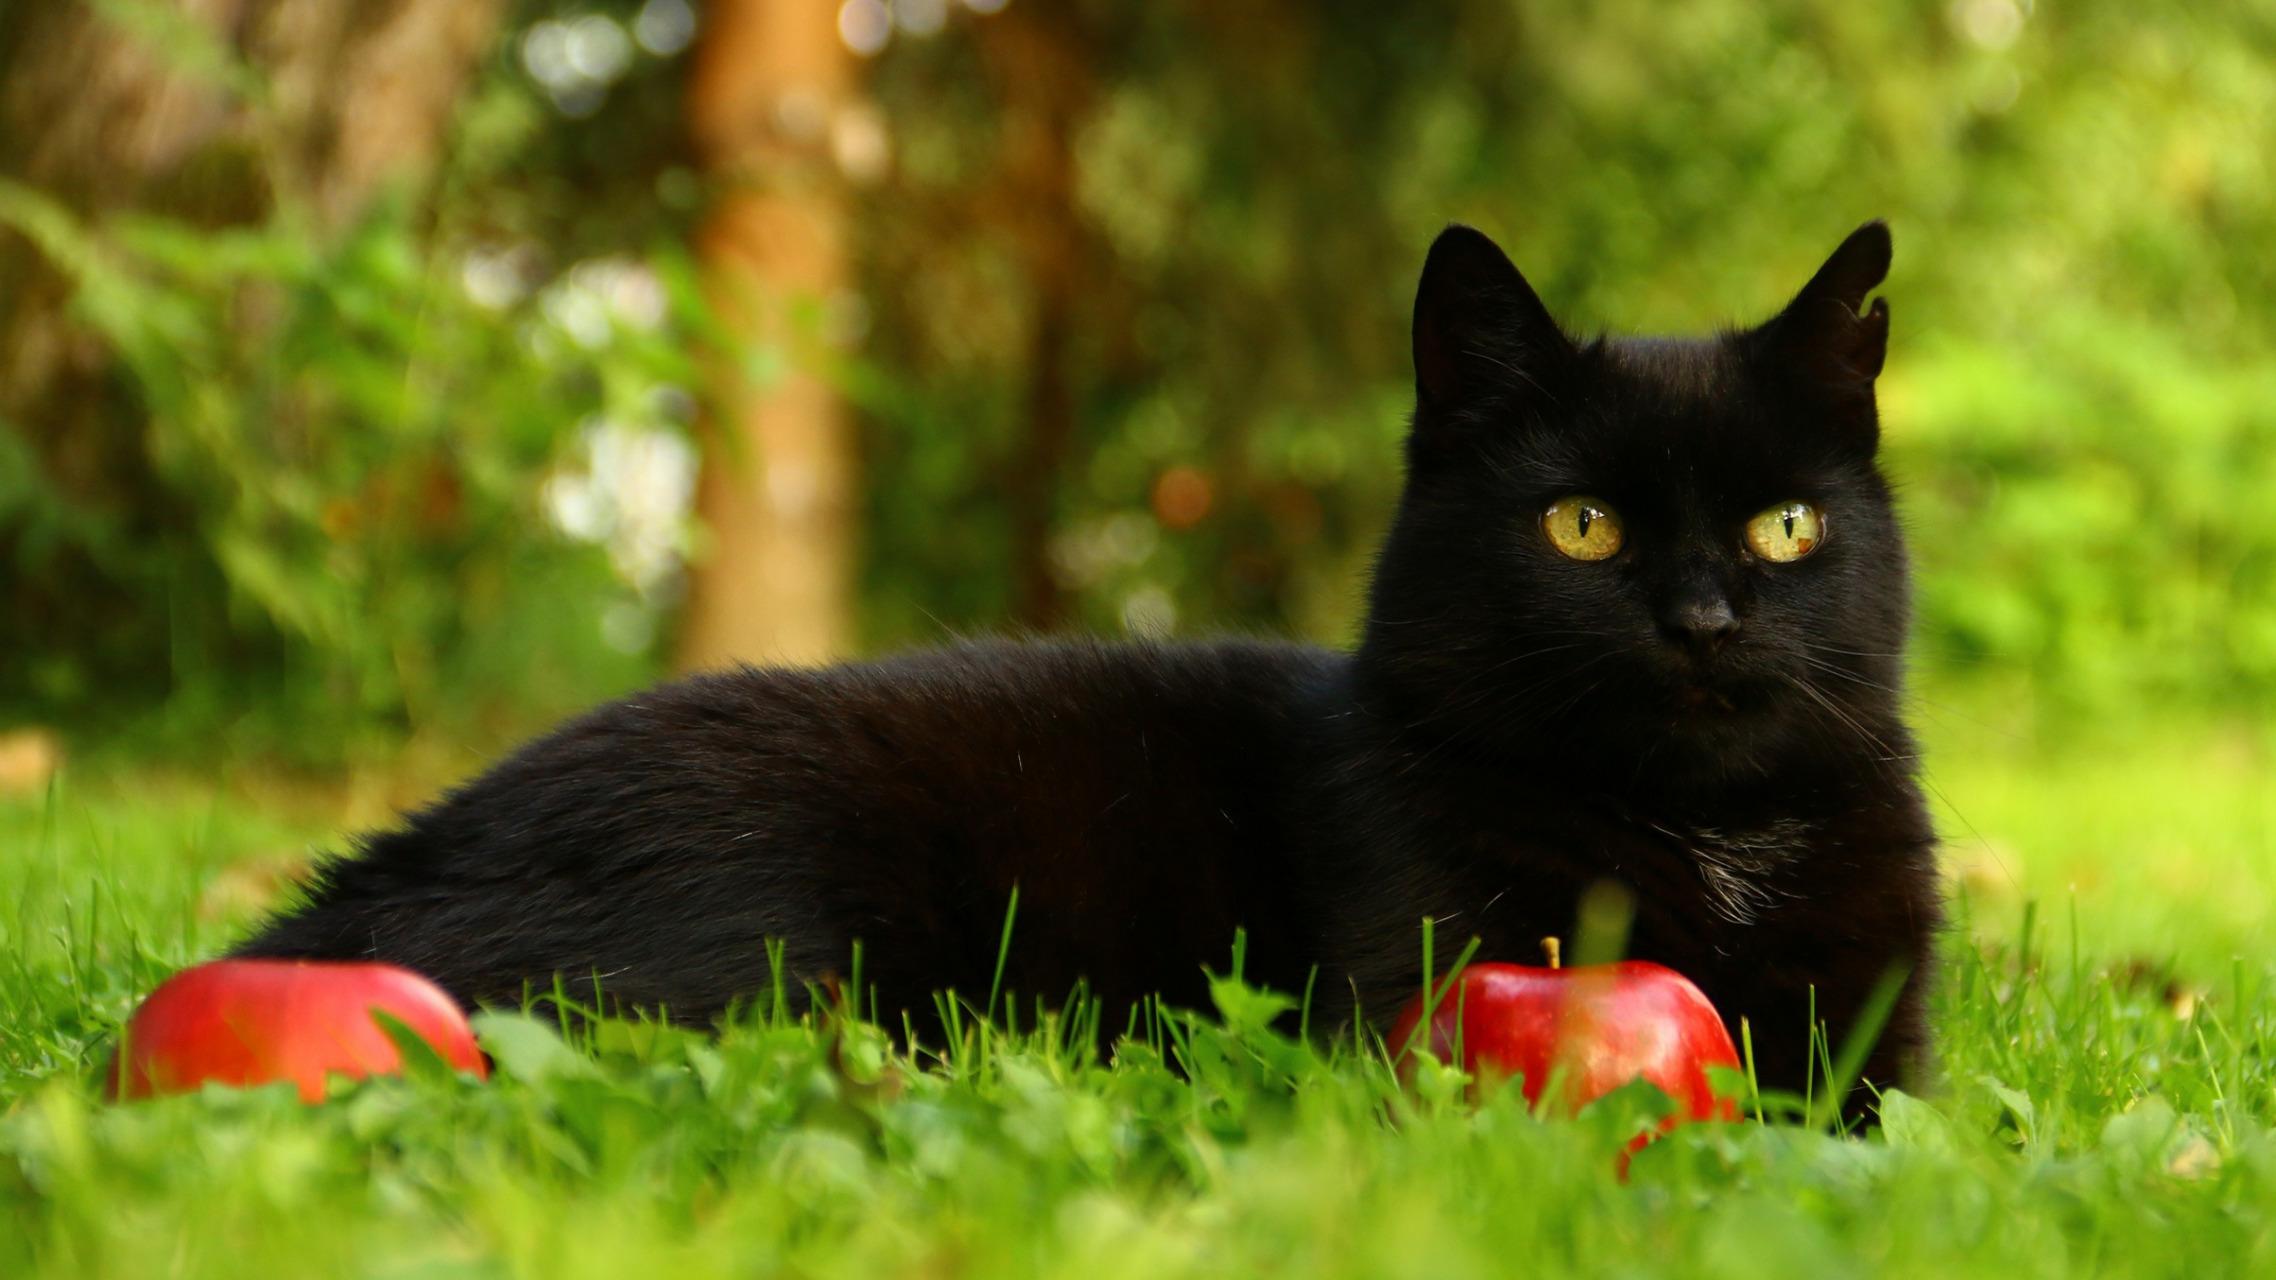 природа животные кот котенок черный  № 654358 бесплатно